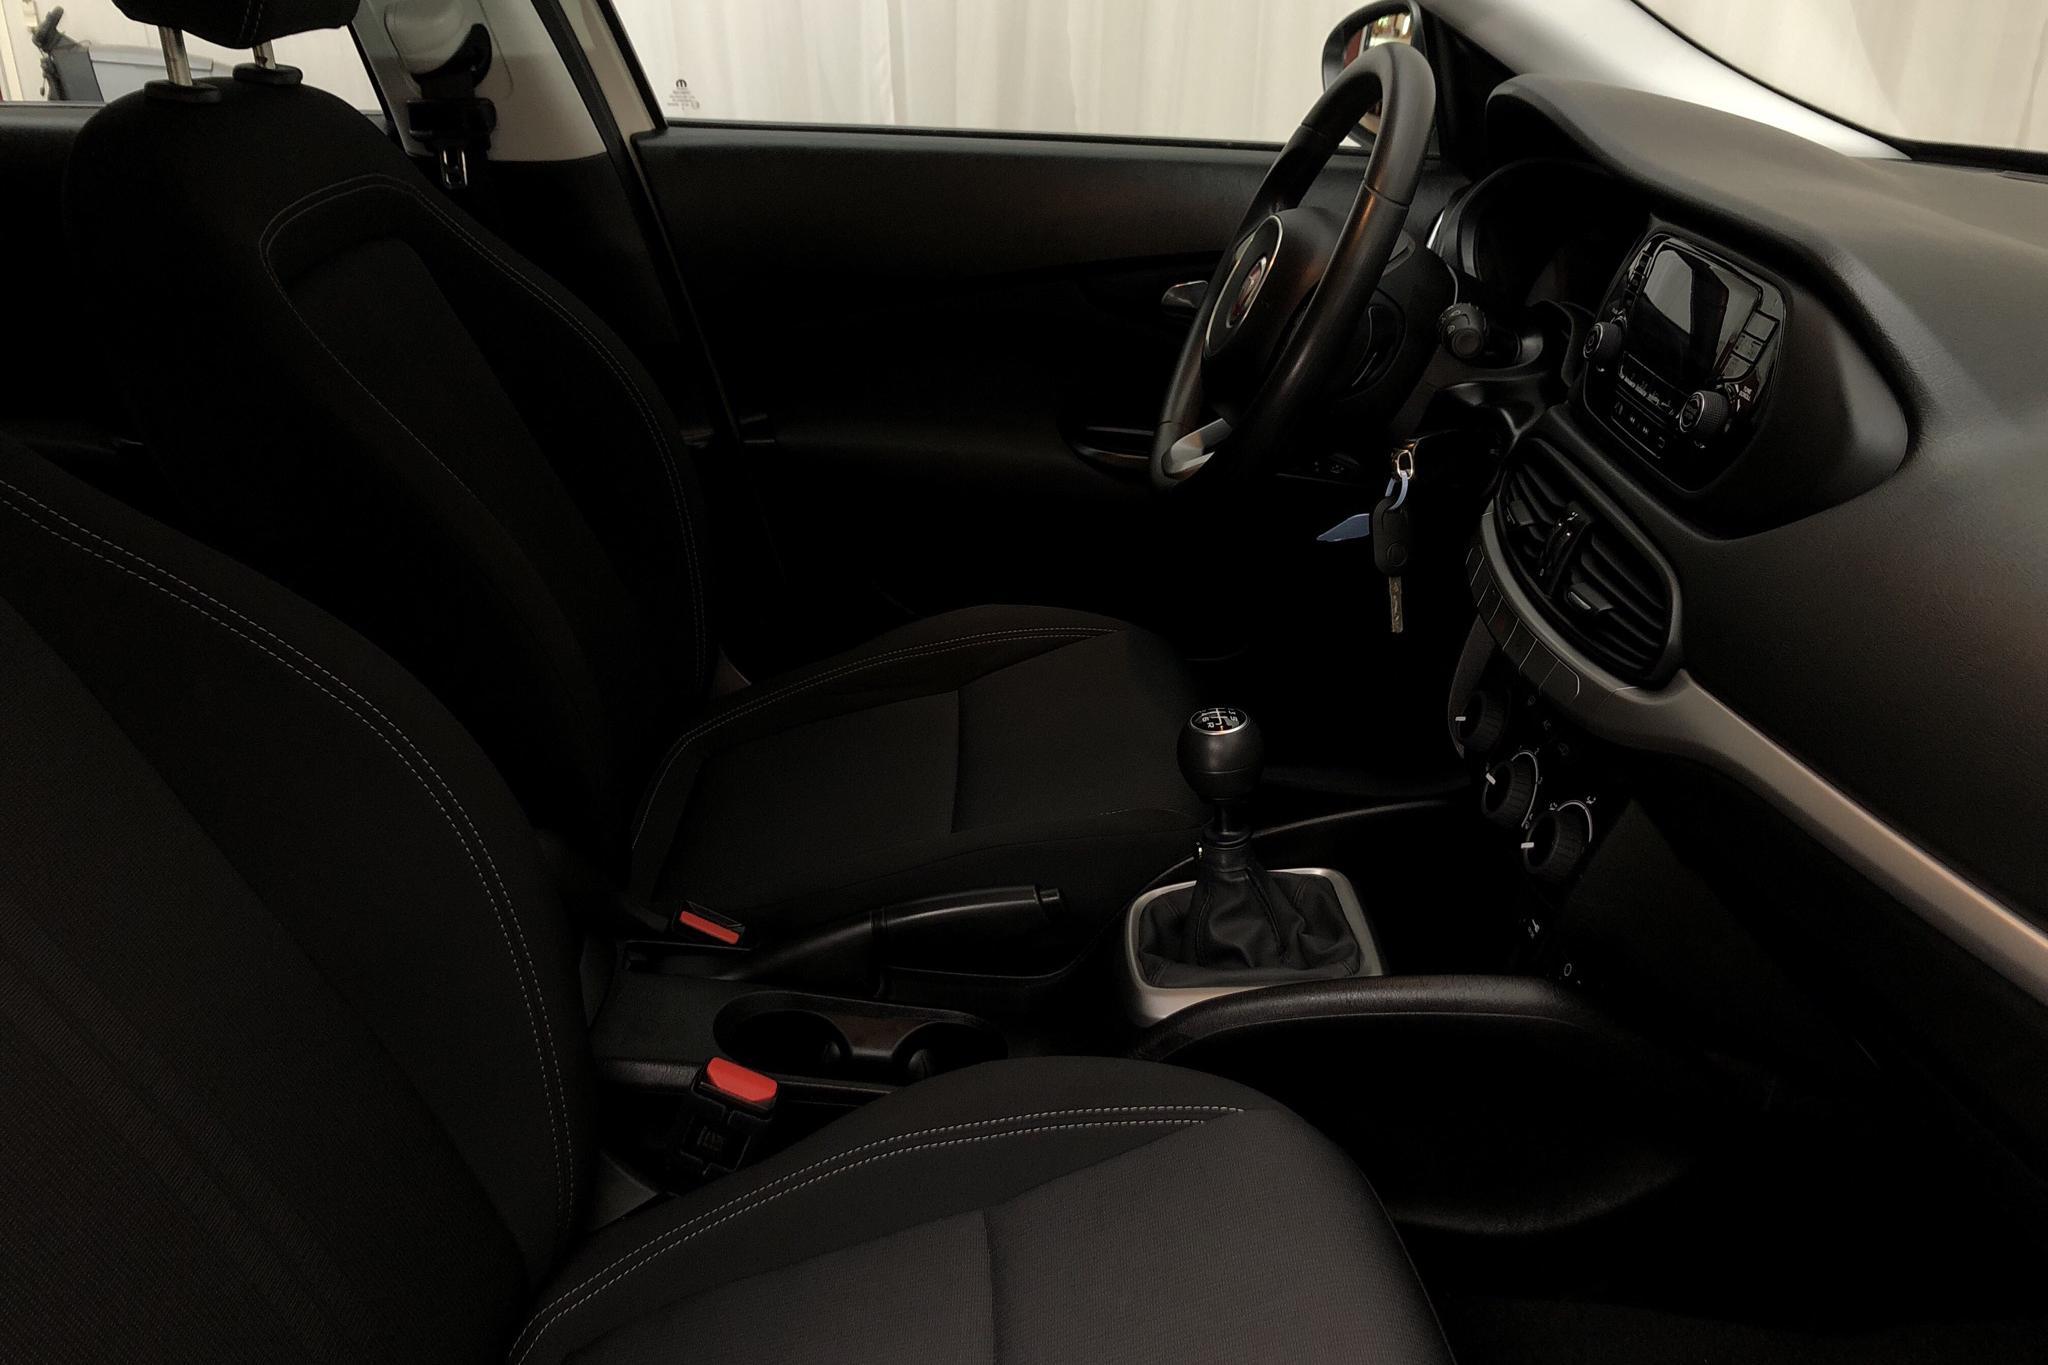 Fiat Tipo 1.4 5dr (95hk) - 4 009 mil - Manuell - vit - 2018